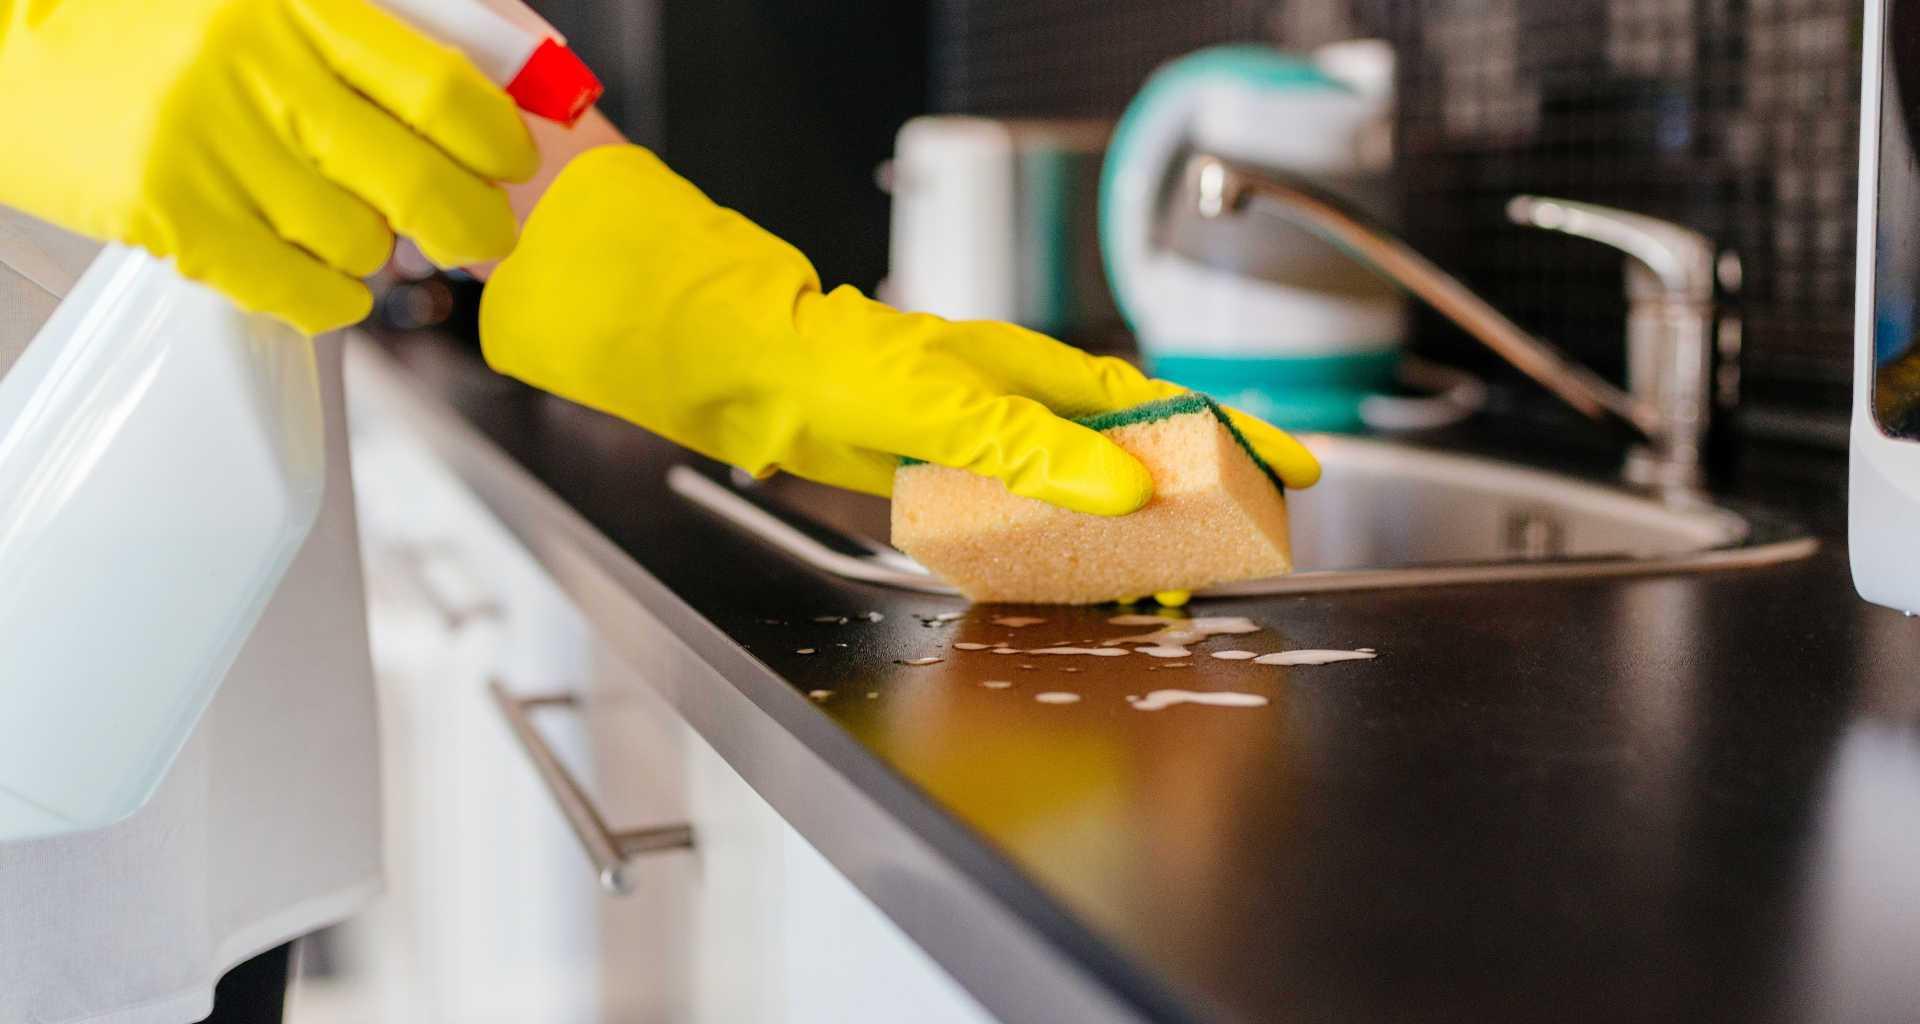 Potrebujete čistilni servis? Pomagali vam bomo najti pravi čistilni servis